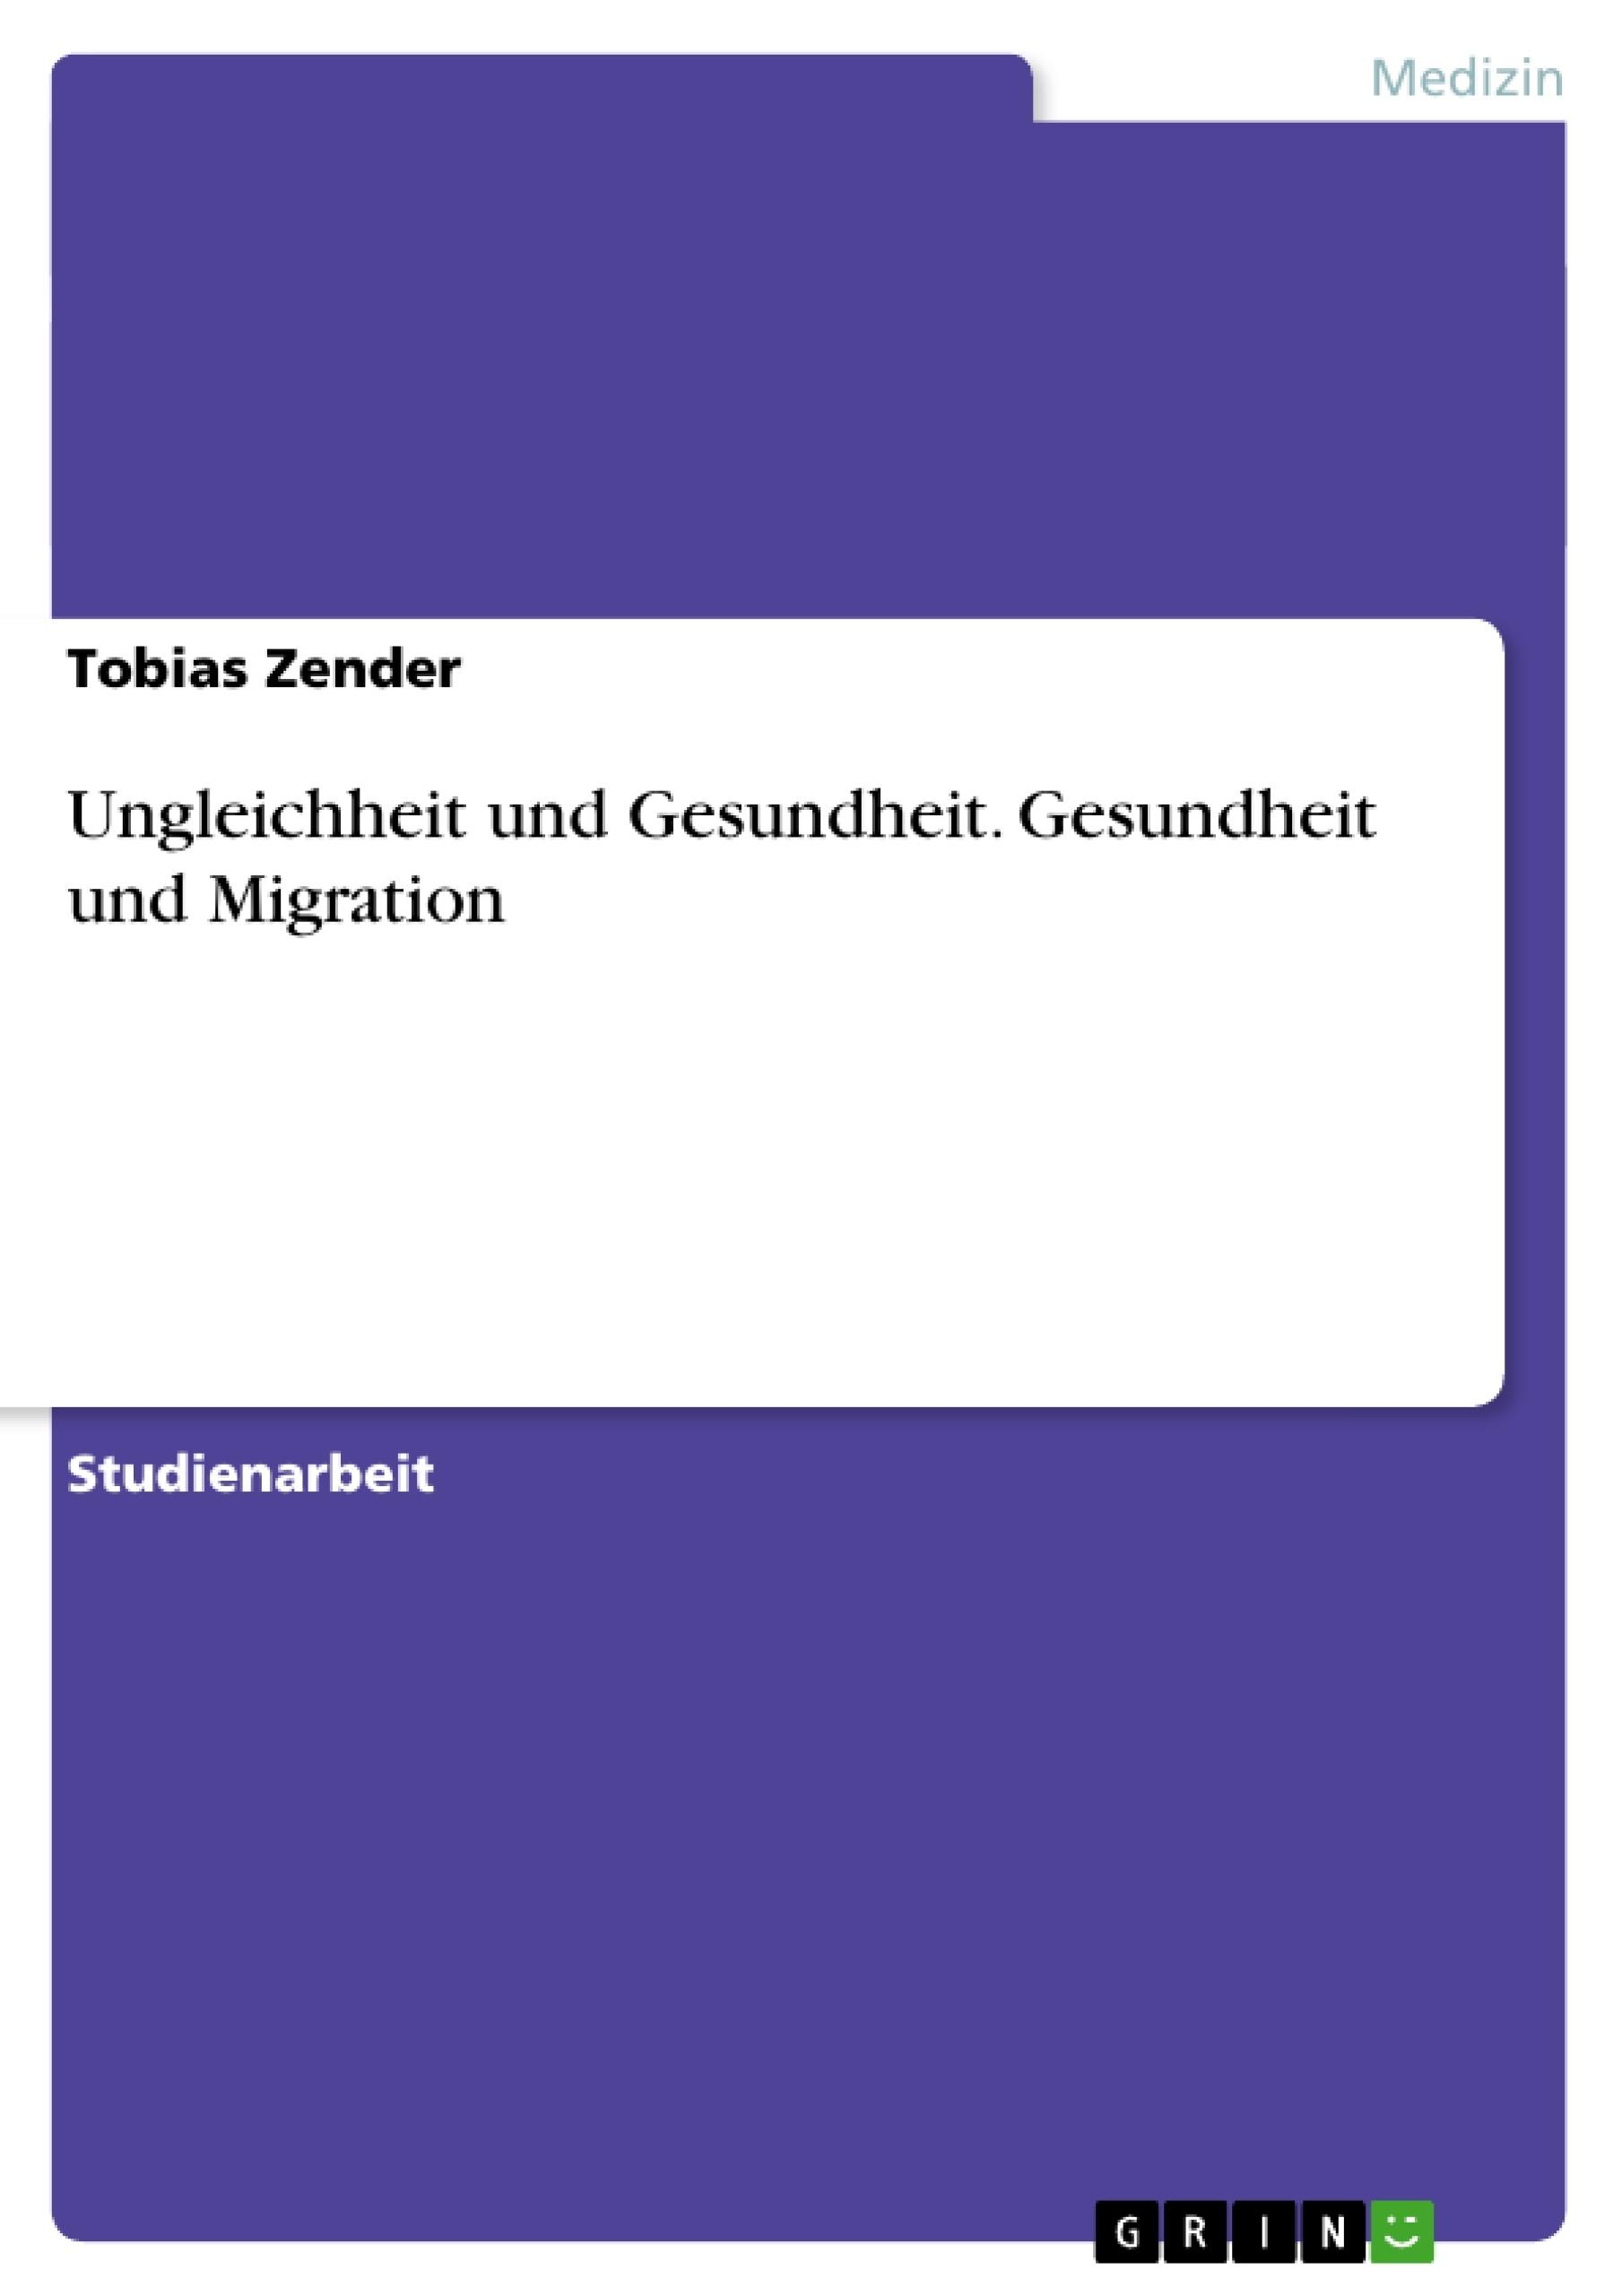 Titel: Ungleichheit und Gesundheit. Gesundheit und Migration